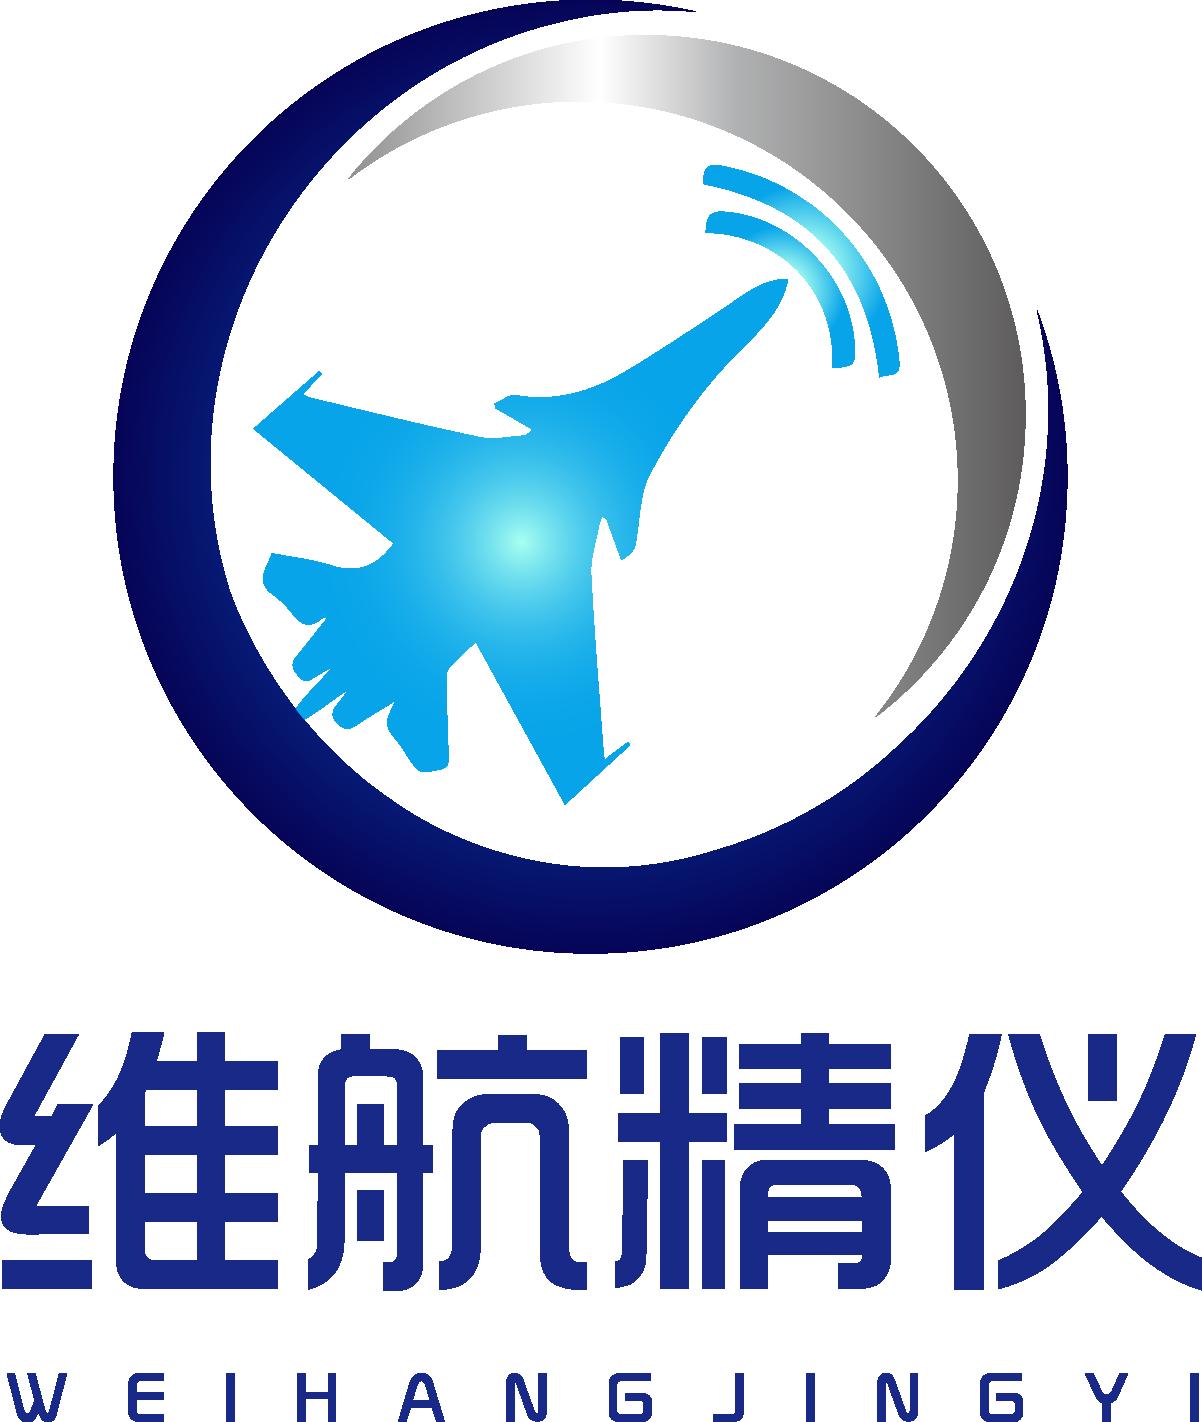 江苏维航精仪科技有限公司